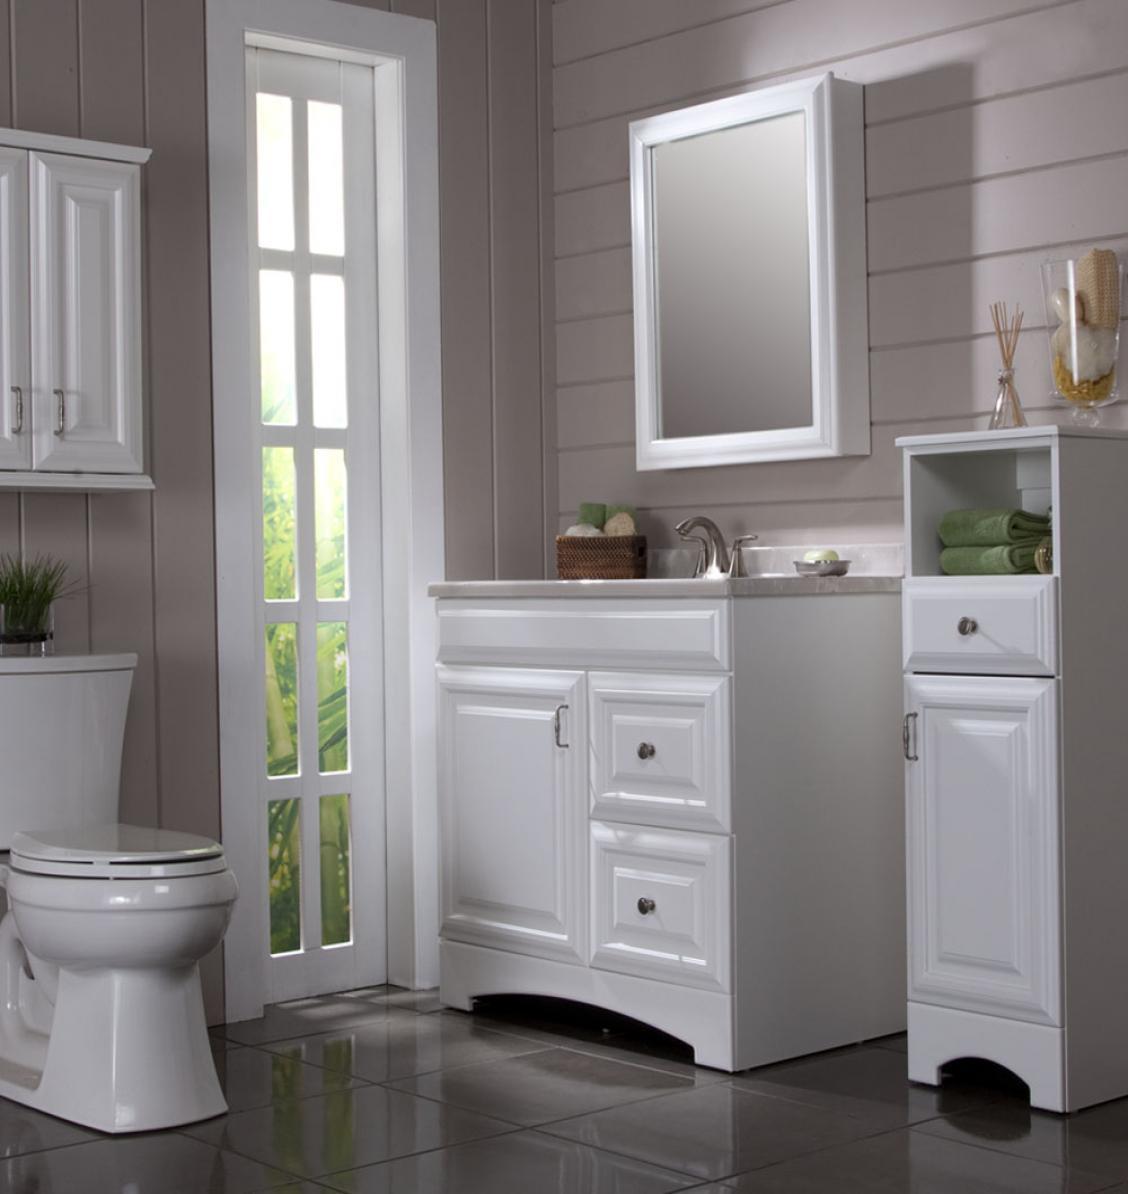 Assoalho branco o banheiro montado projeta o jogo de unidade 1032  #738447 1128 1194